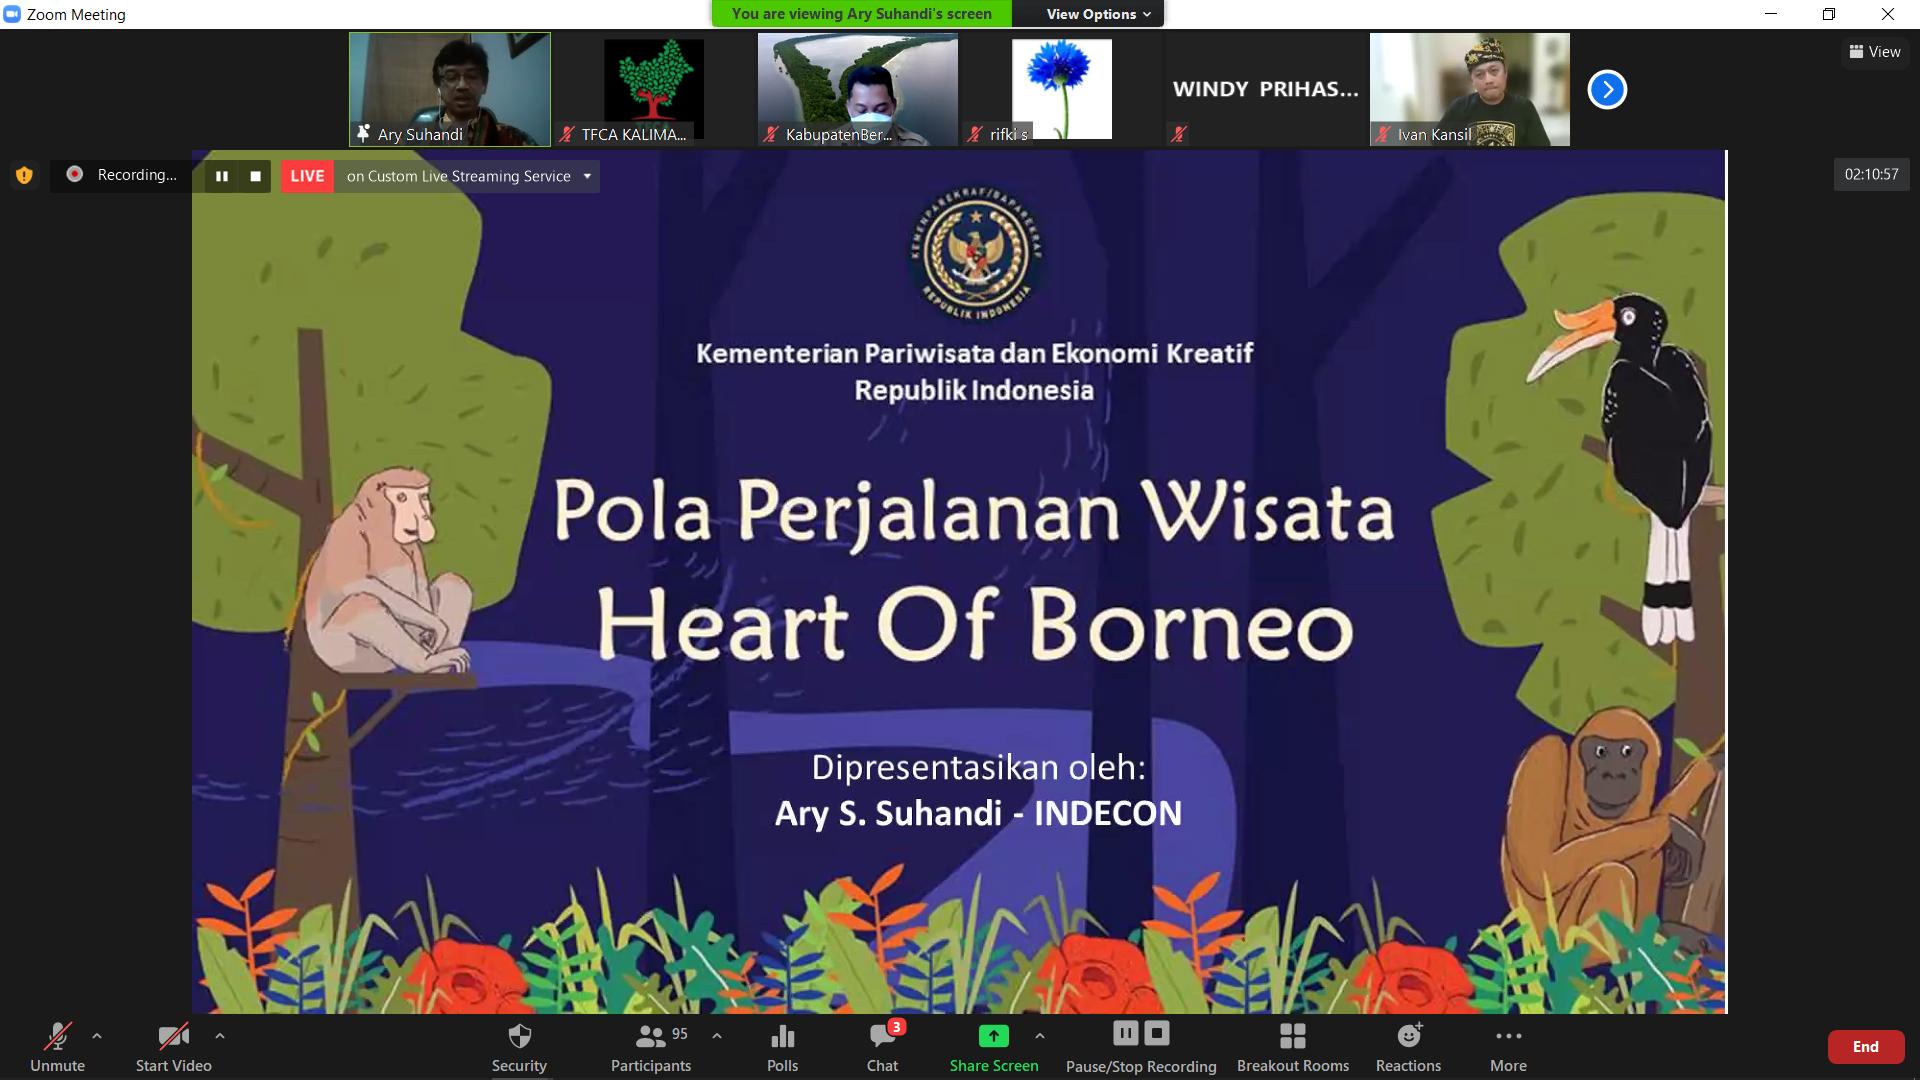 """Mempersiapkan Pola Perjalanan dan produk wisata """"Heart of Borneo"""""""